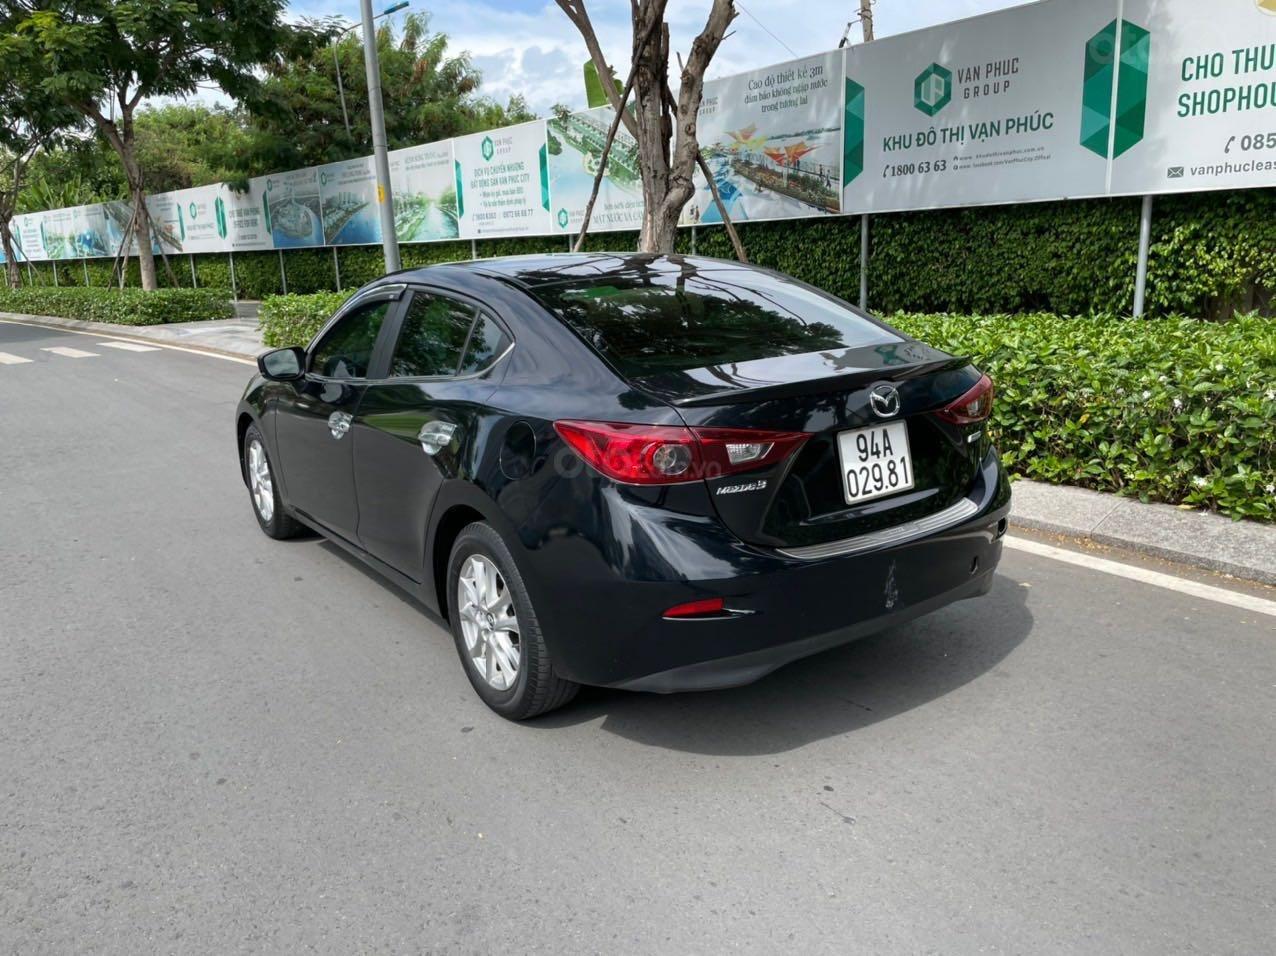 Cần bán xe Mazda 3 sản xuất 2018, màu đen xe gia đình giá chỉ 599 triệu đồng (5)